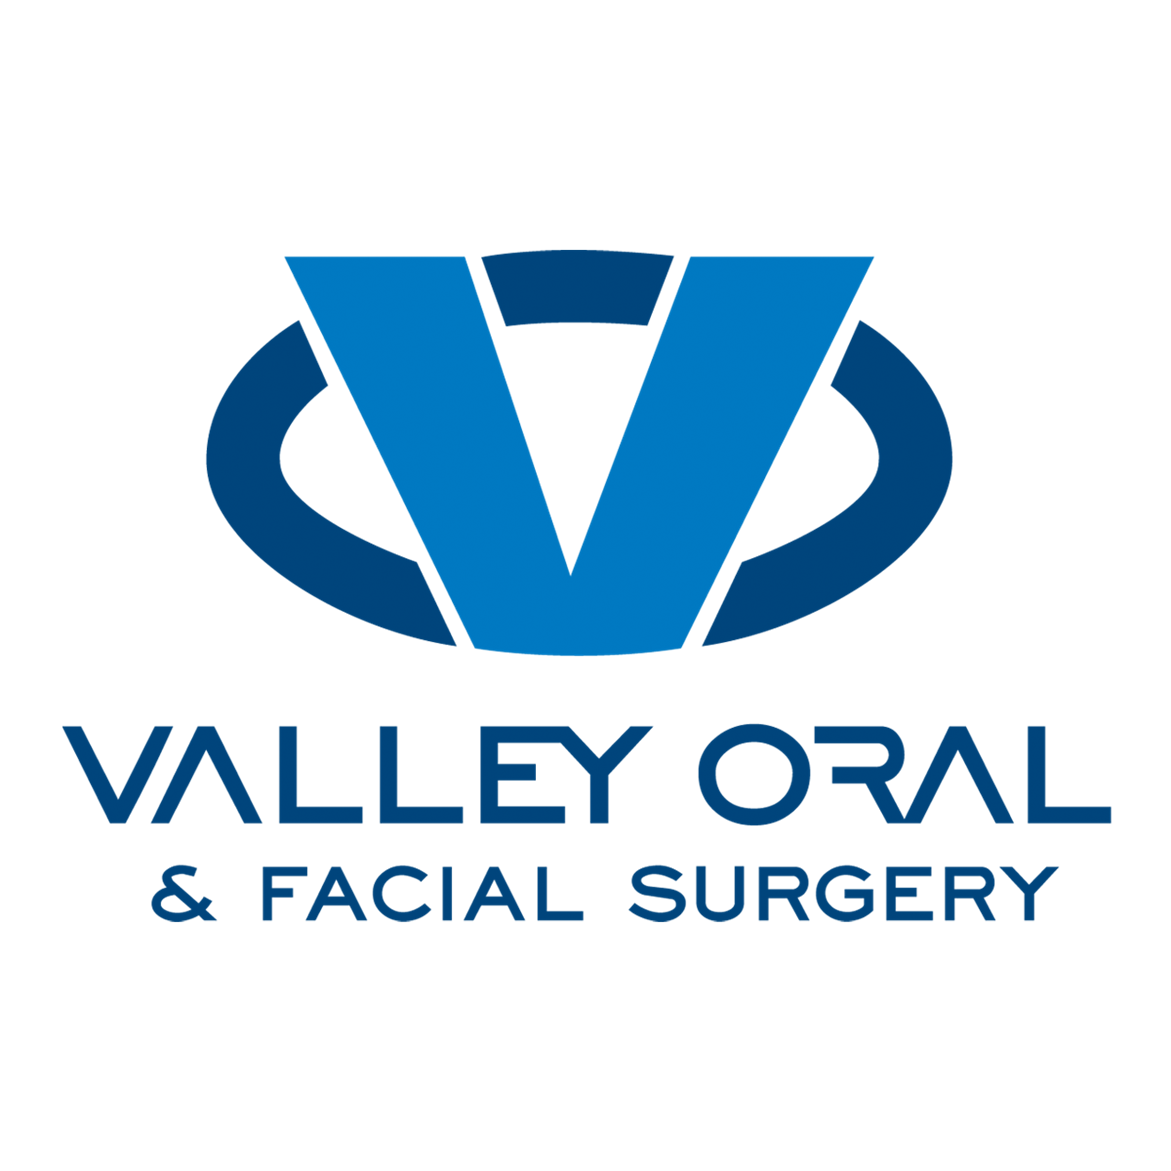 Valley Oral & Facial Surgery